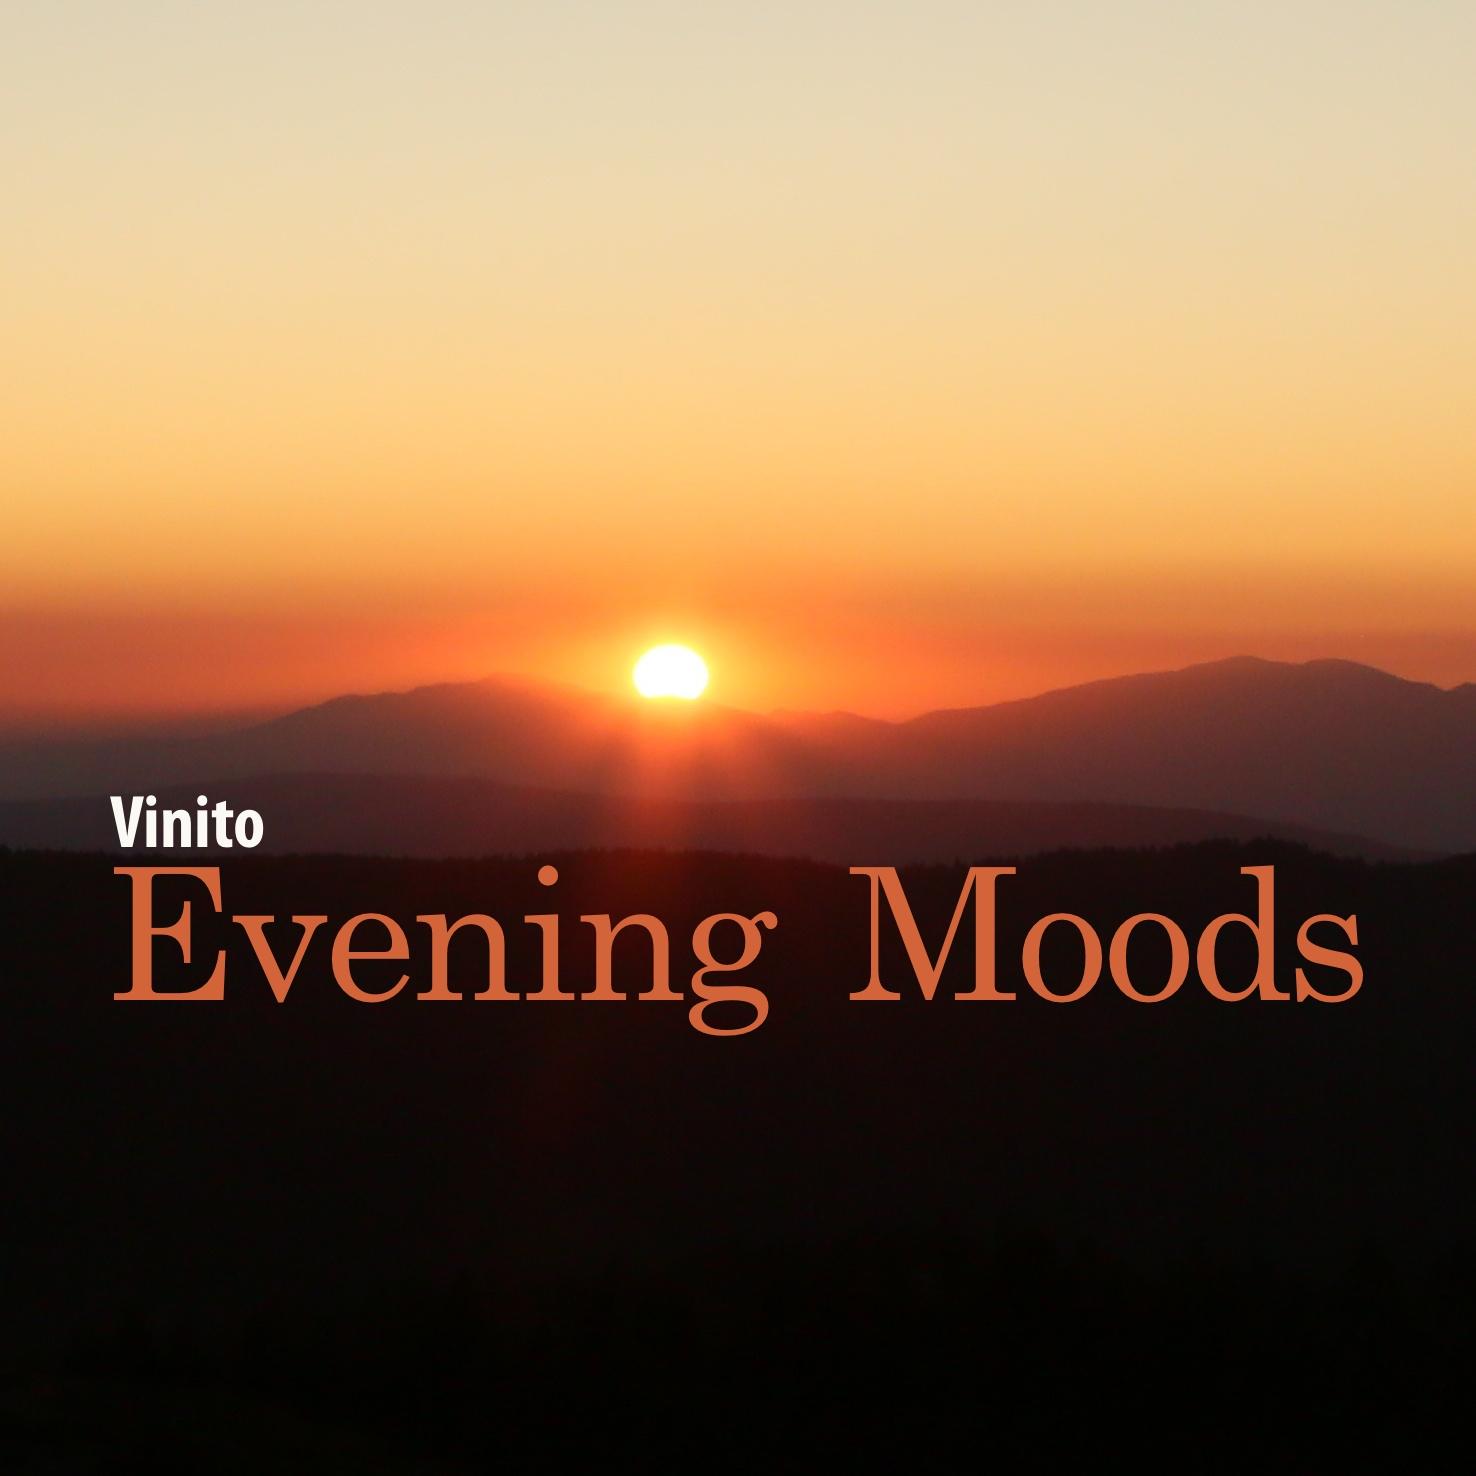 Evening Moods - entspannende Musik für Körper und Seele